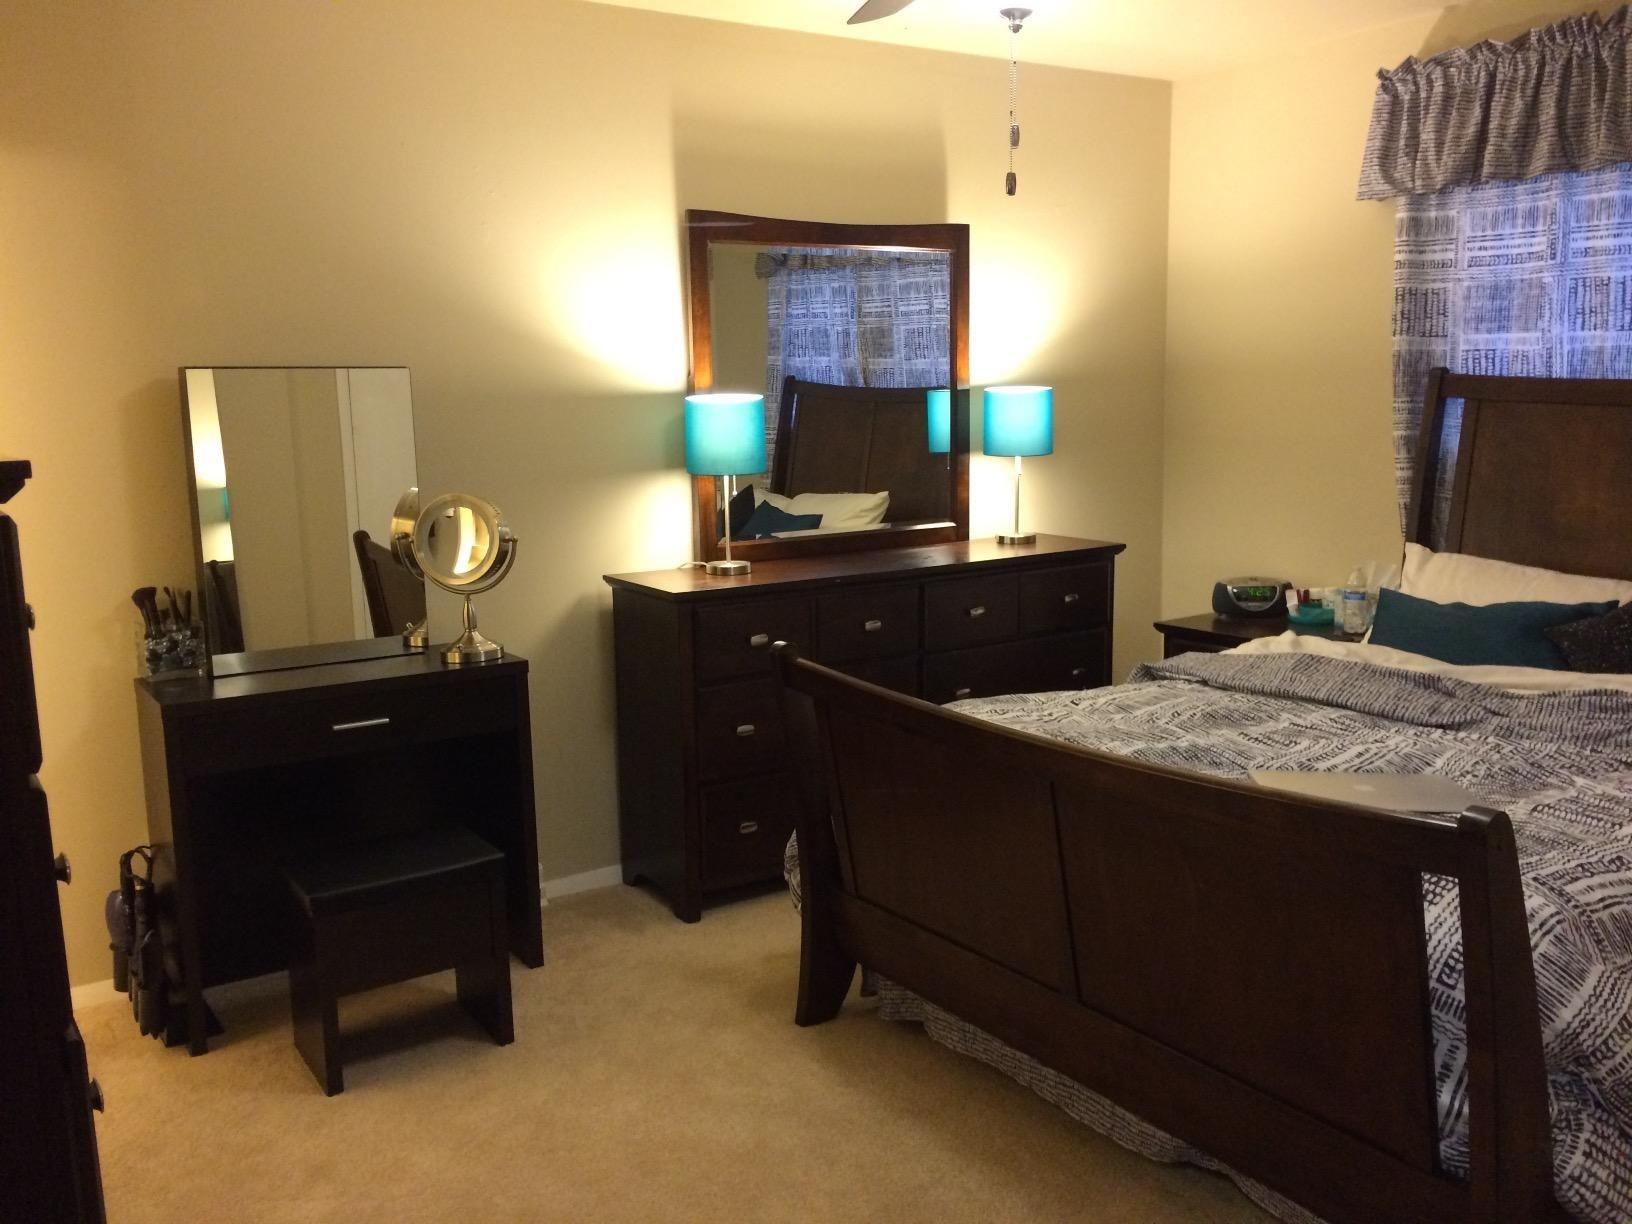 amazoncom coaster home furnishings vanity white kitchen u0026 dining